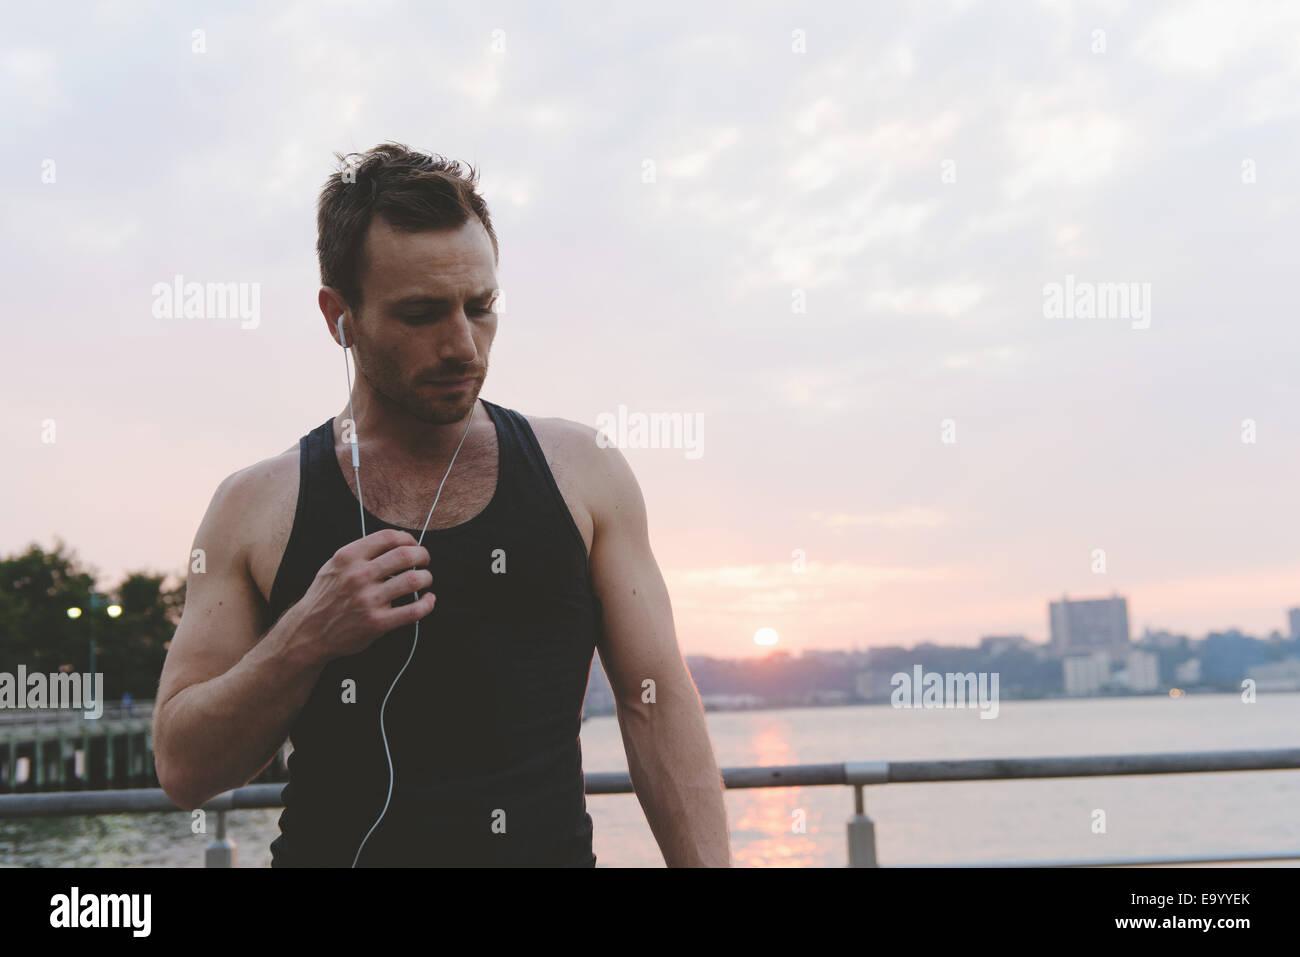 Junge männliche Läufer hören Kopfhörer am Ufer bei Sonnenaufgang Stockbild